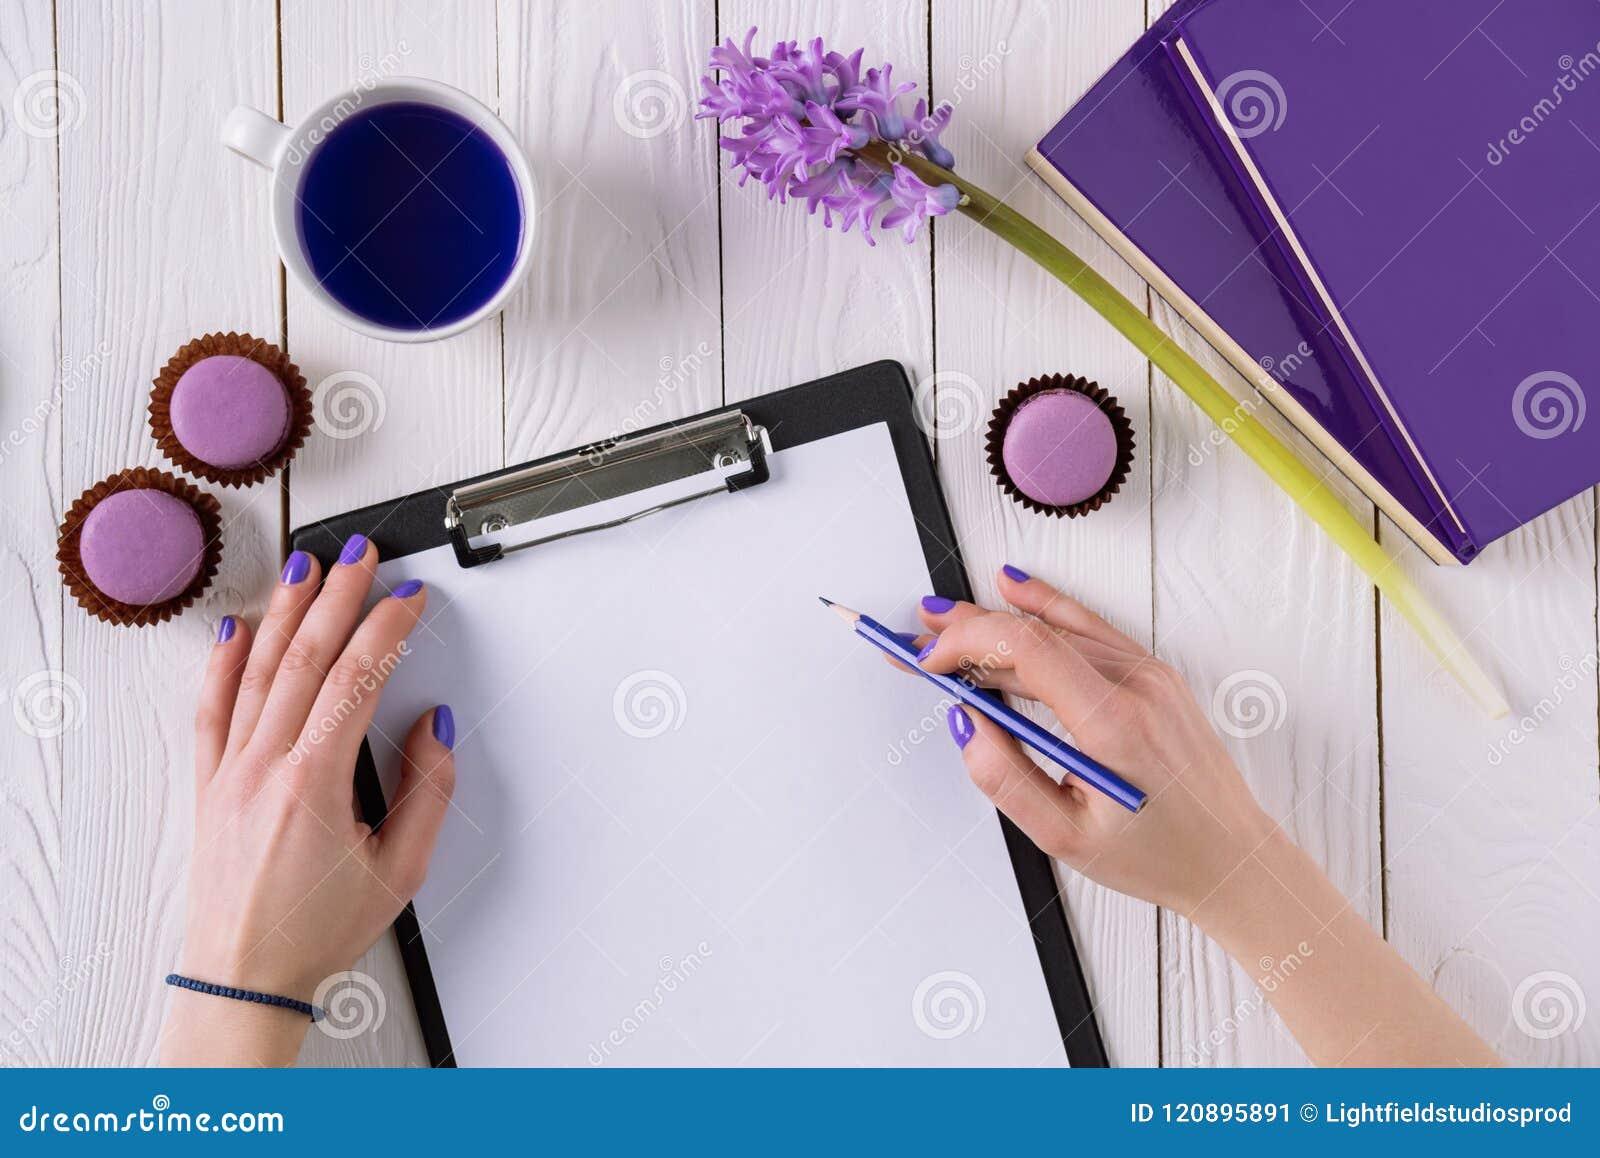 Colpo potato di scrittura della donna nella carta sulla lavagna per appunti